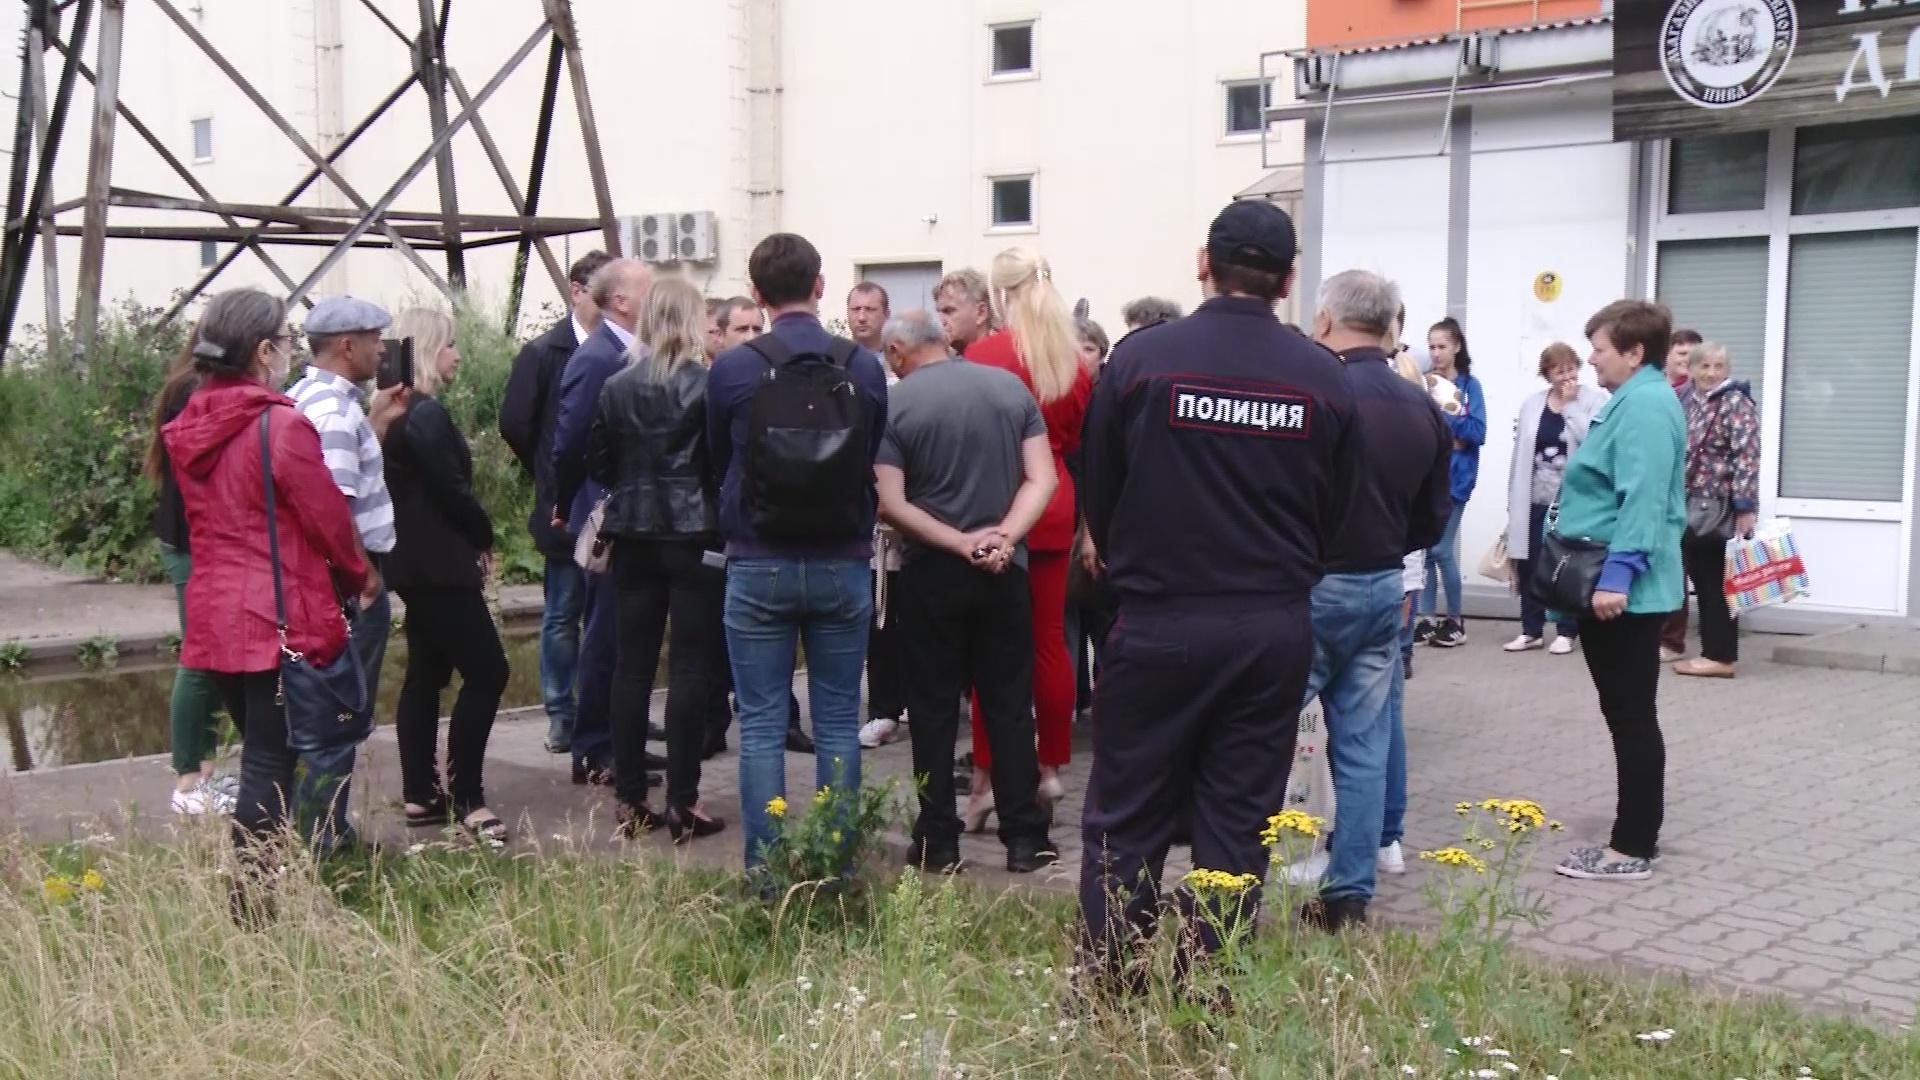 Заволжане выступили против сноса ярмарки на проспекте Машиностроителей